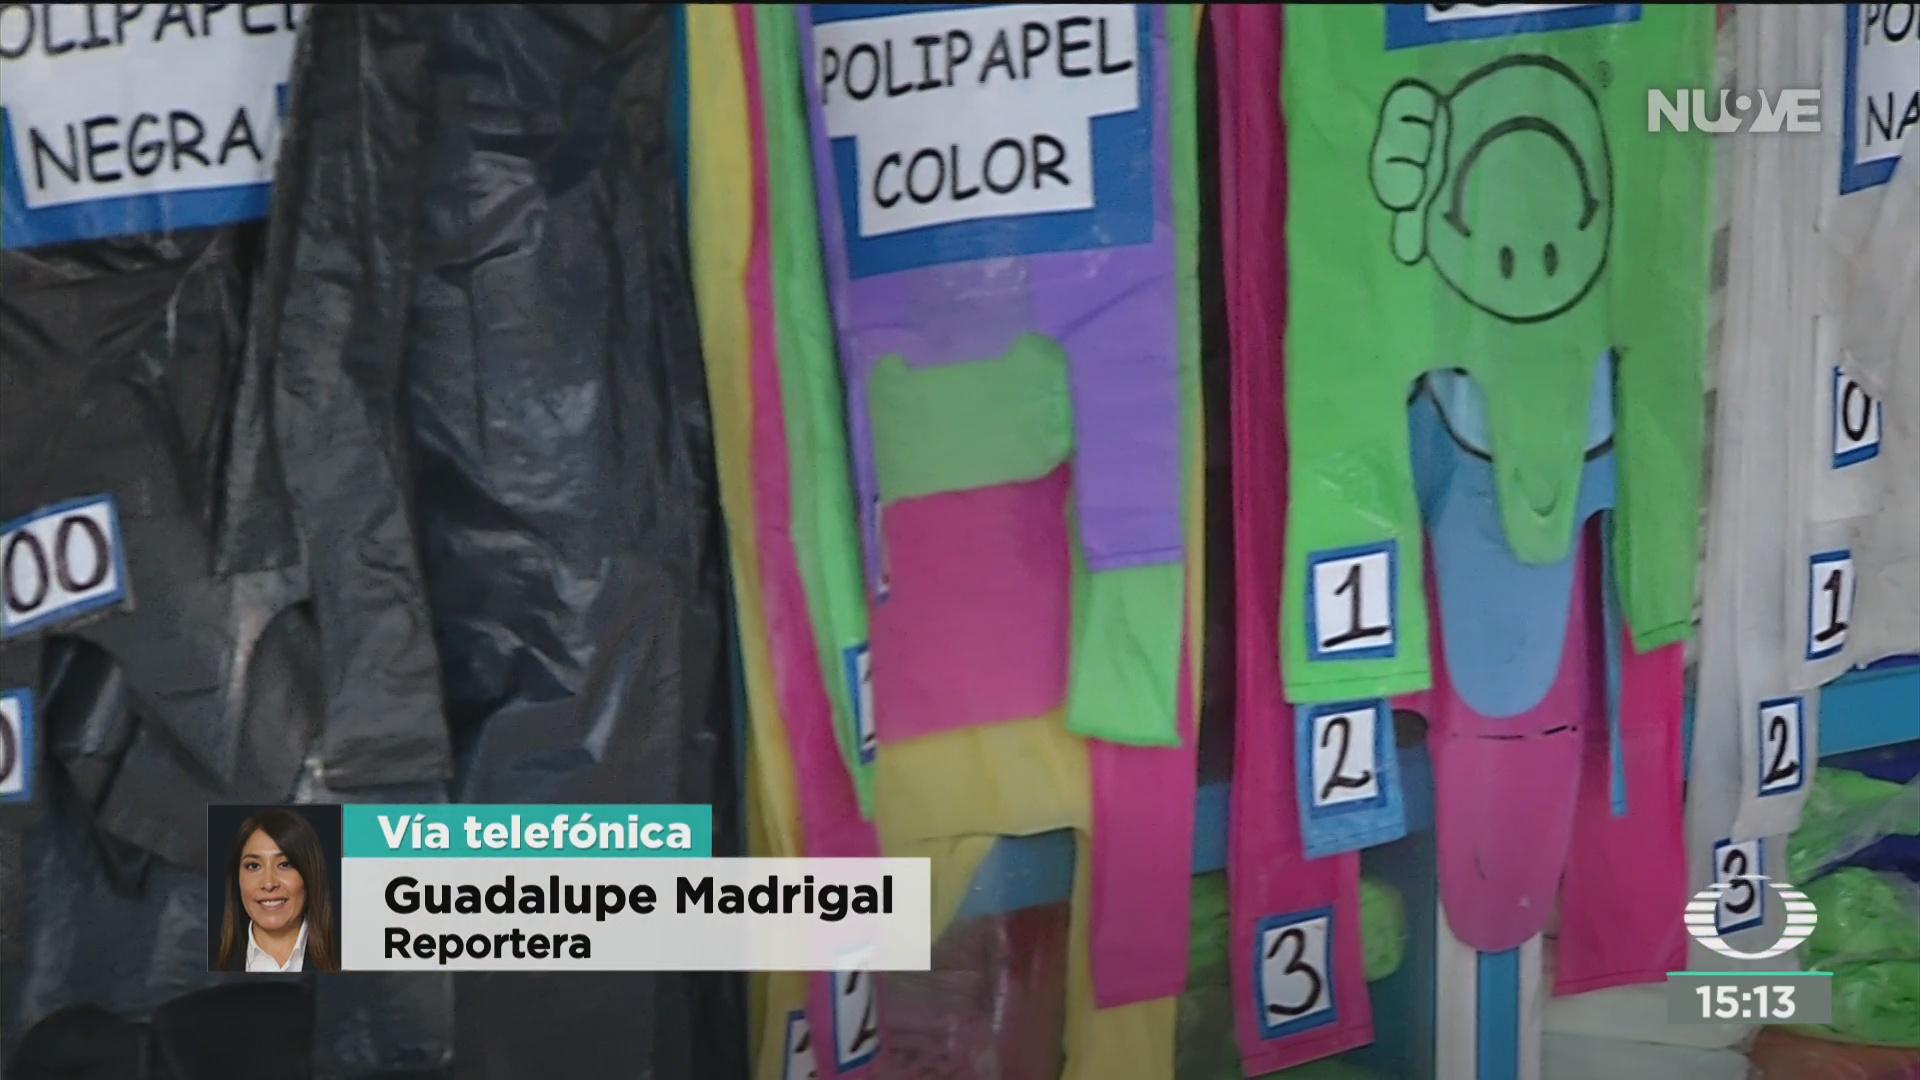 FOTO: industrailes de plastico piden que se publique norma de bolsas compostables